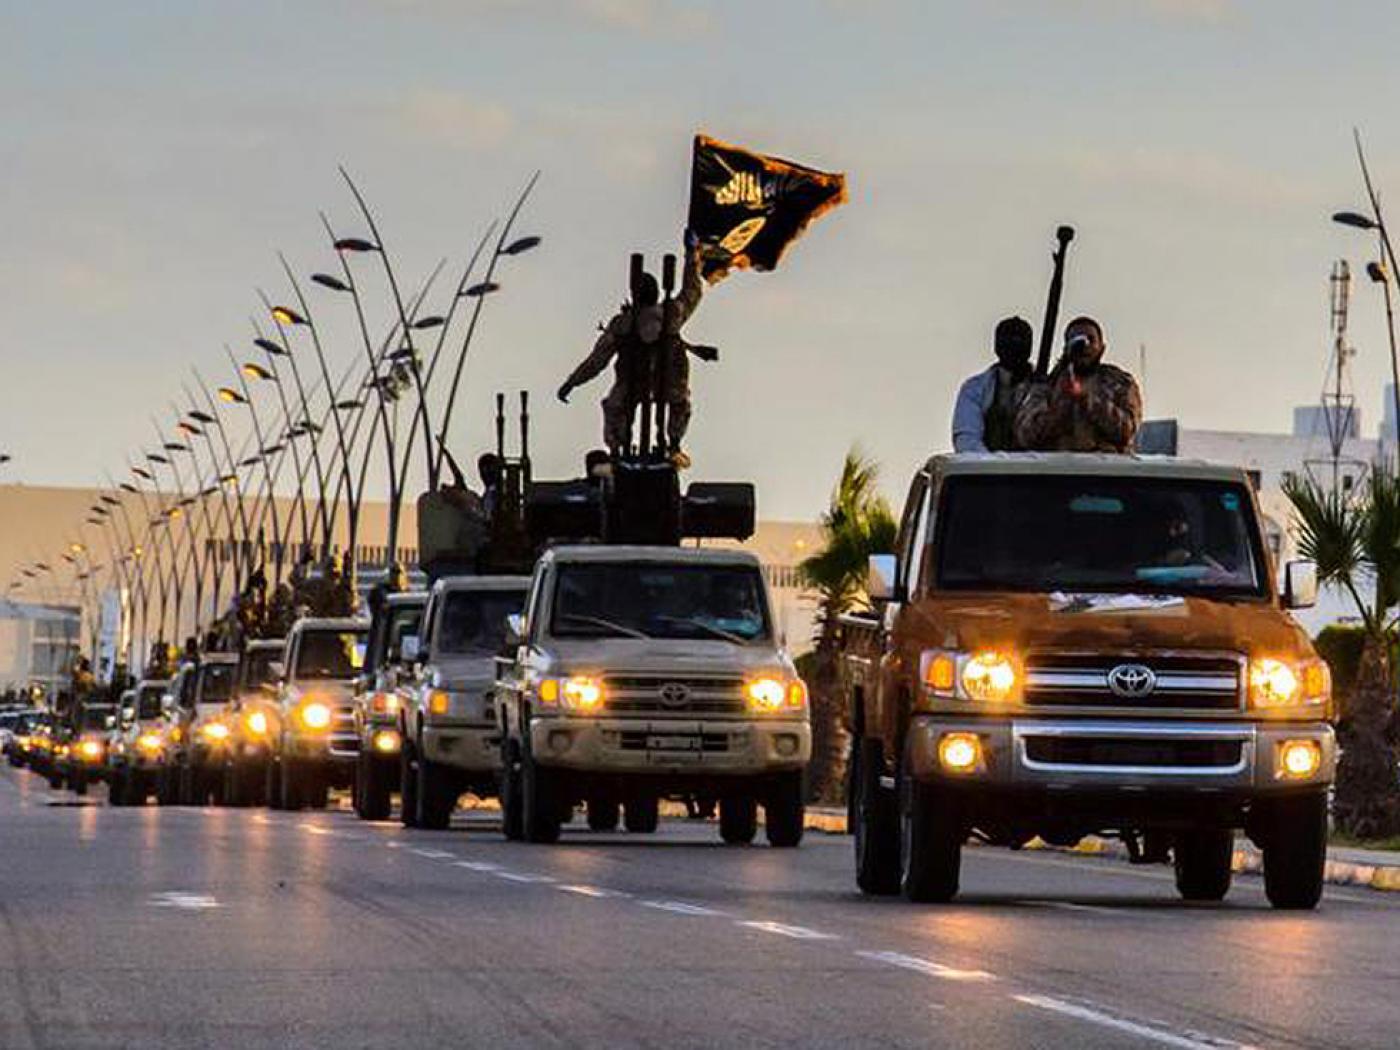 TERRORISME, VIOLENCES RELIGIEUSES ET POLITIQUES  La troisième guerre mondiale ! (PAR MAMADOU MOUTH BANE)